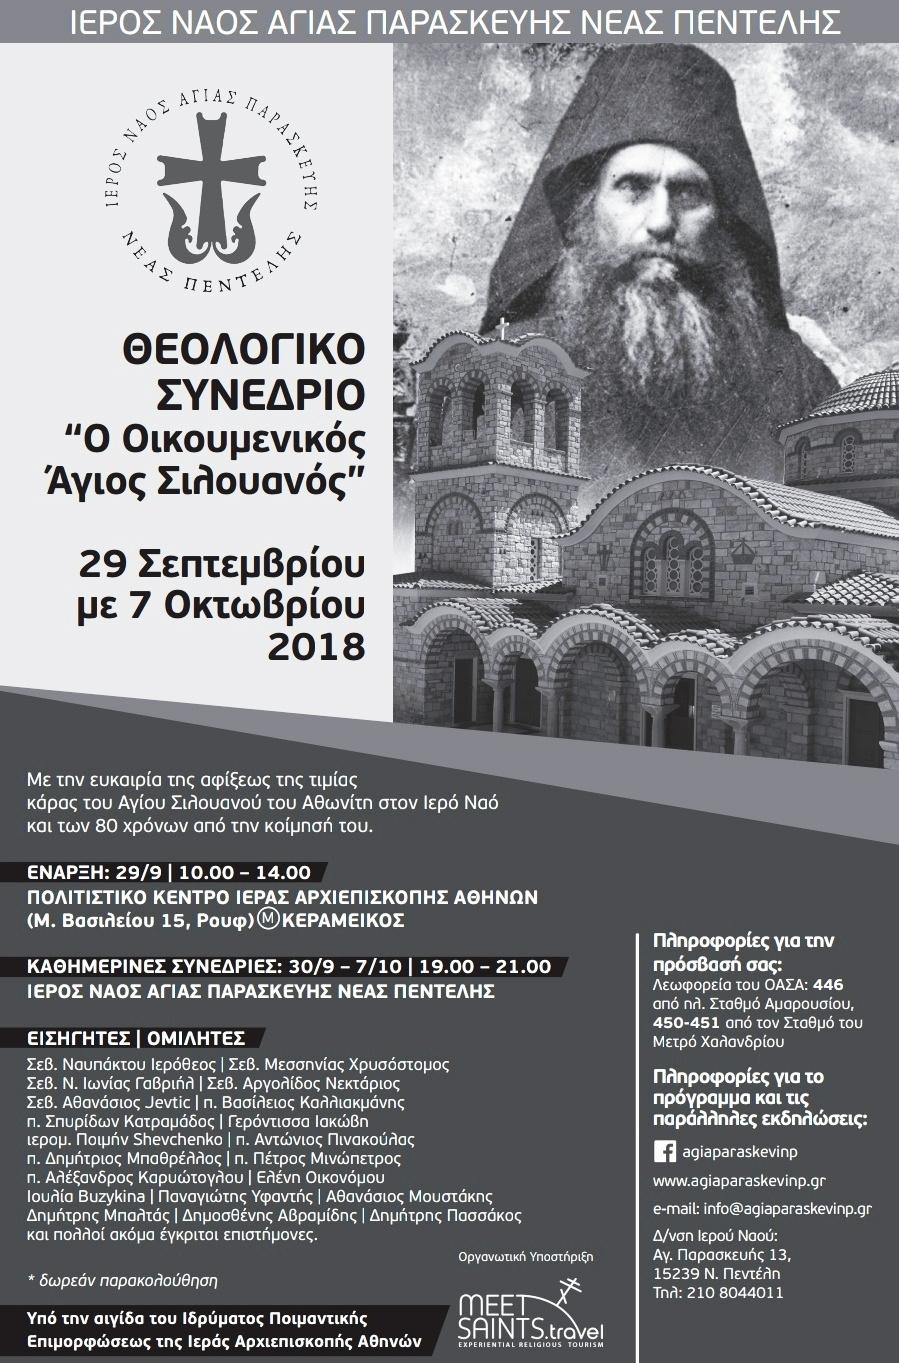 SilouAth18_poster_Synaxi